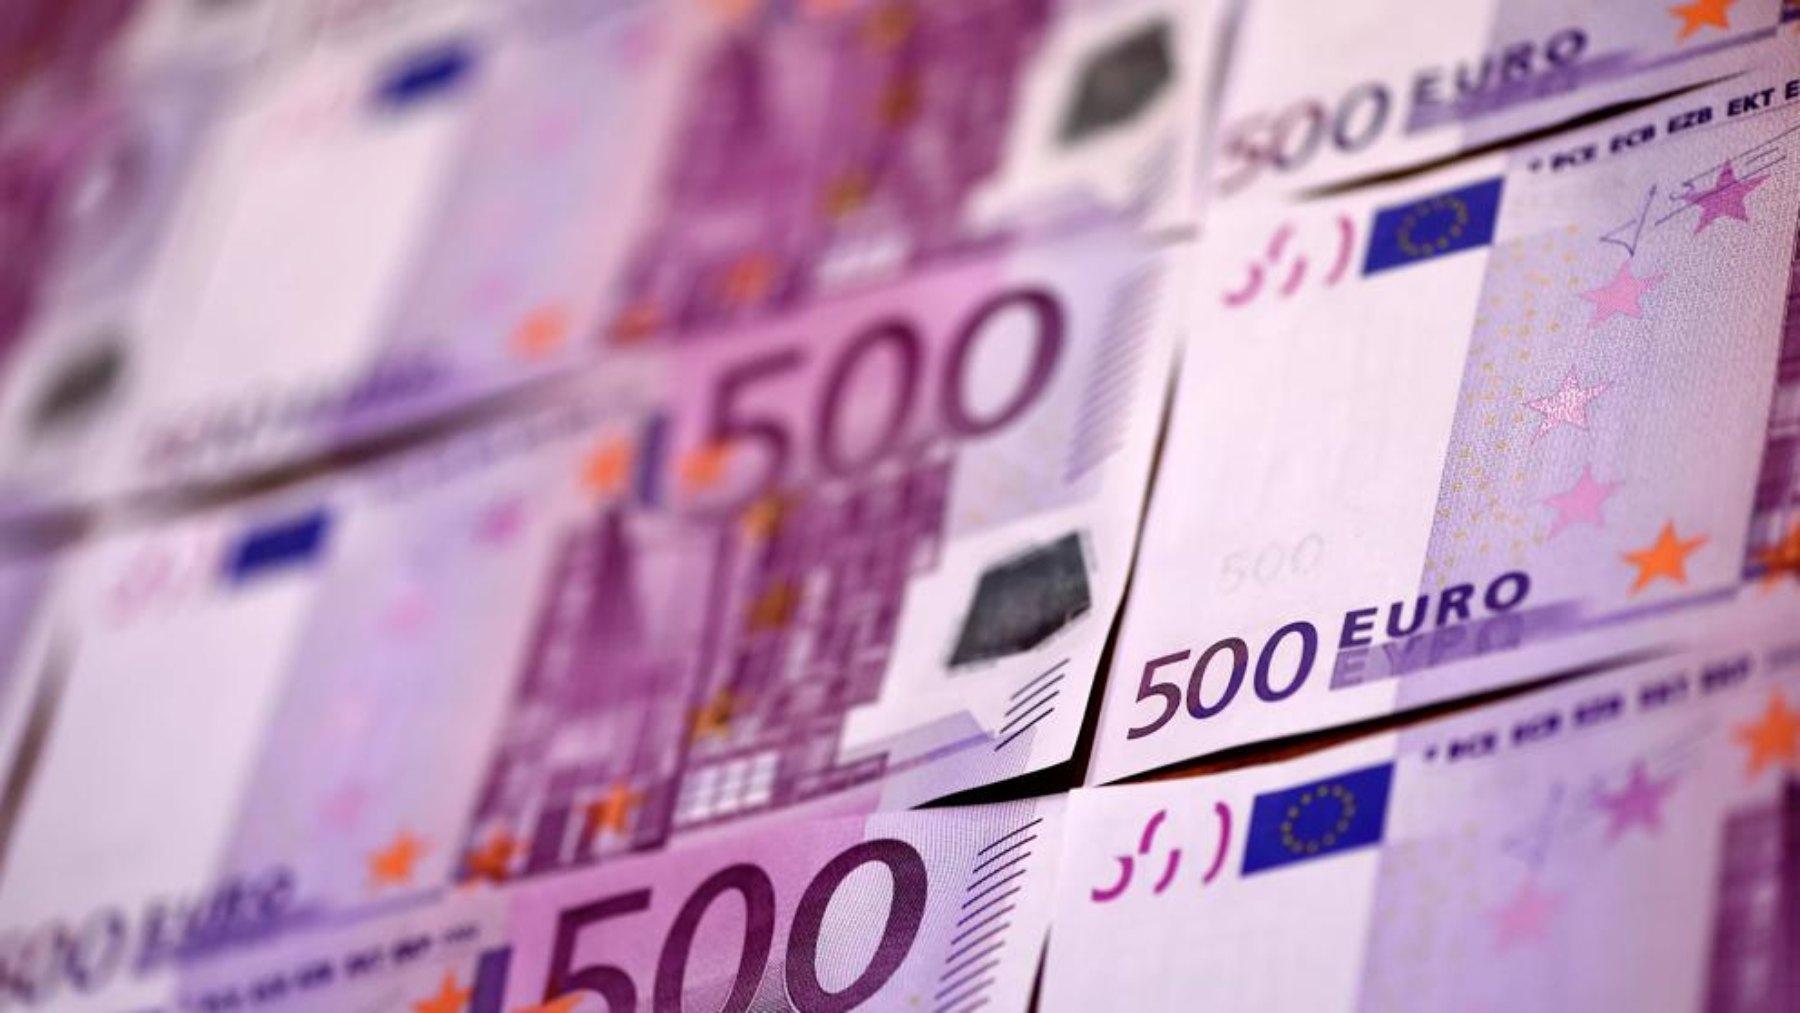 Desaparecen los billetes de 500 euros